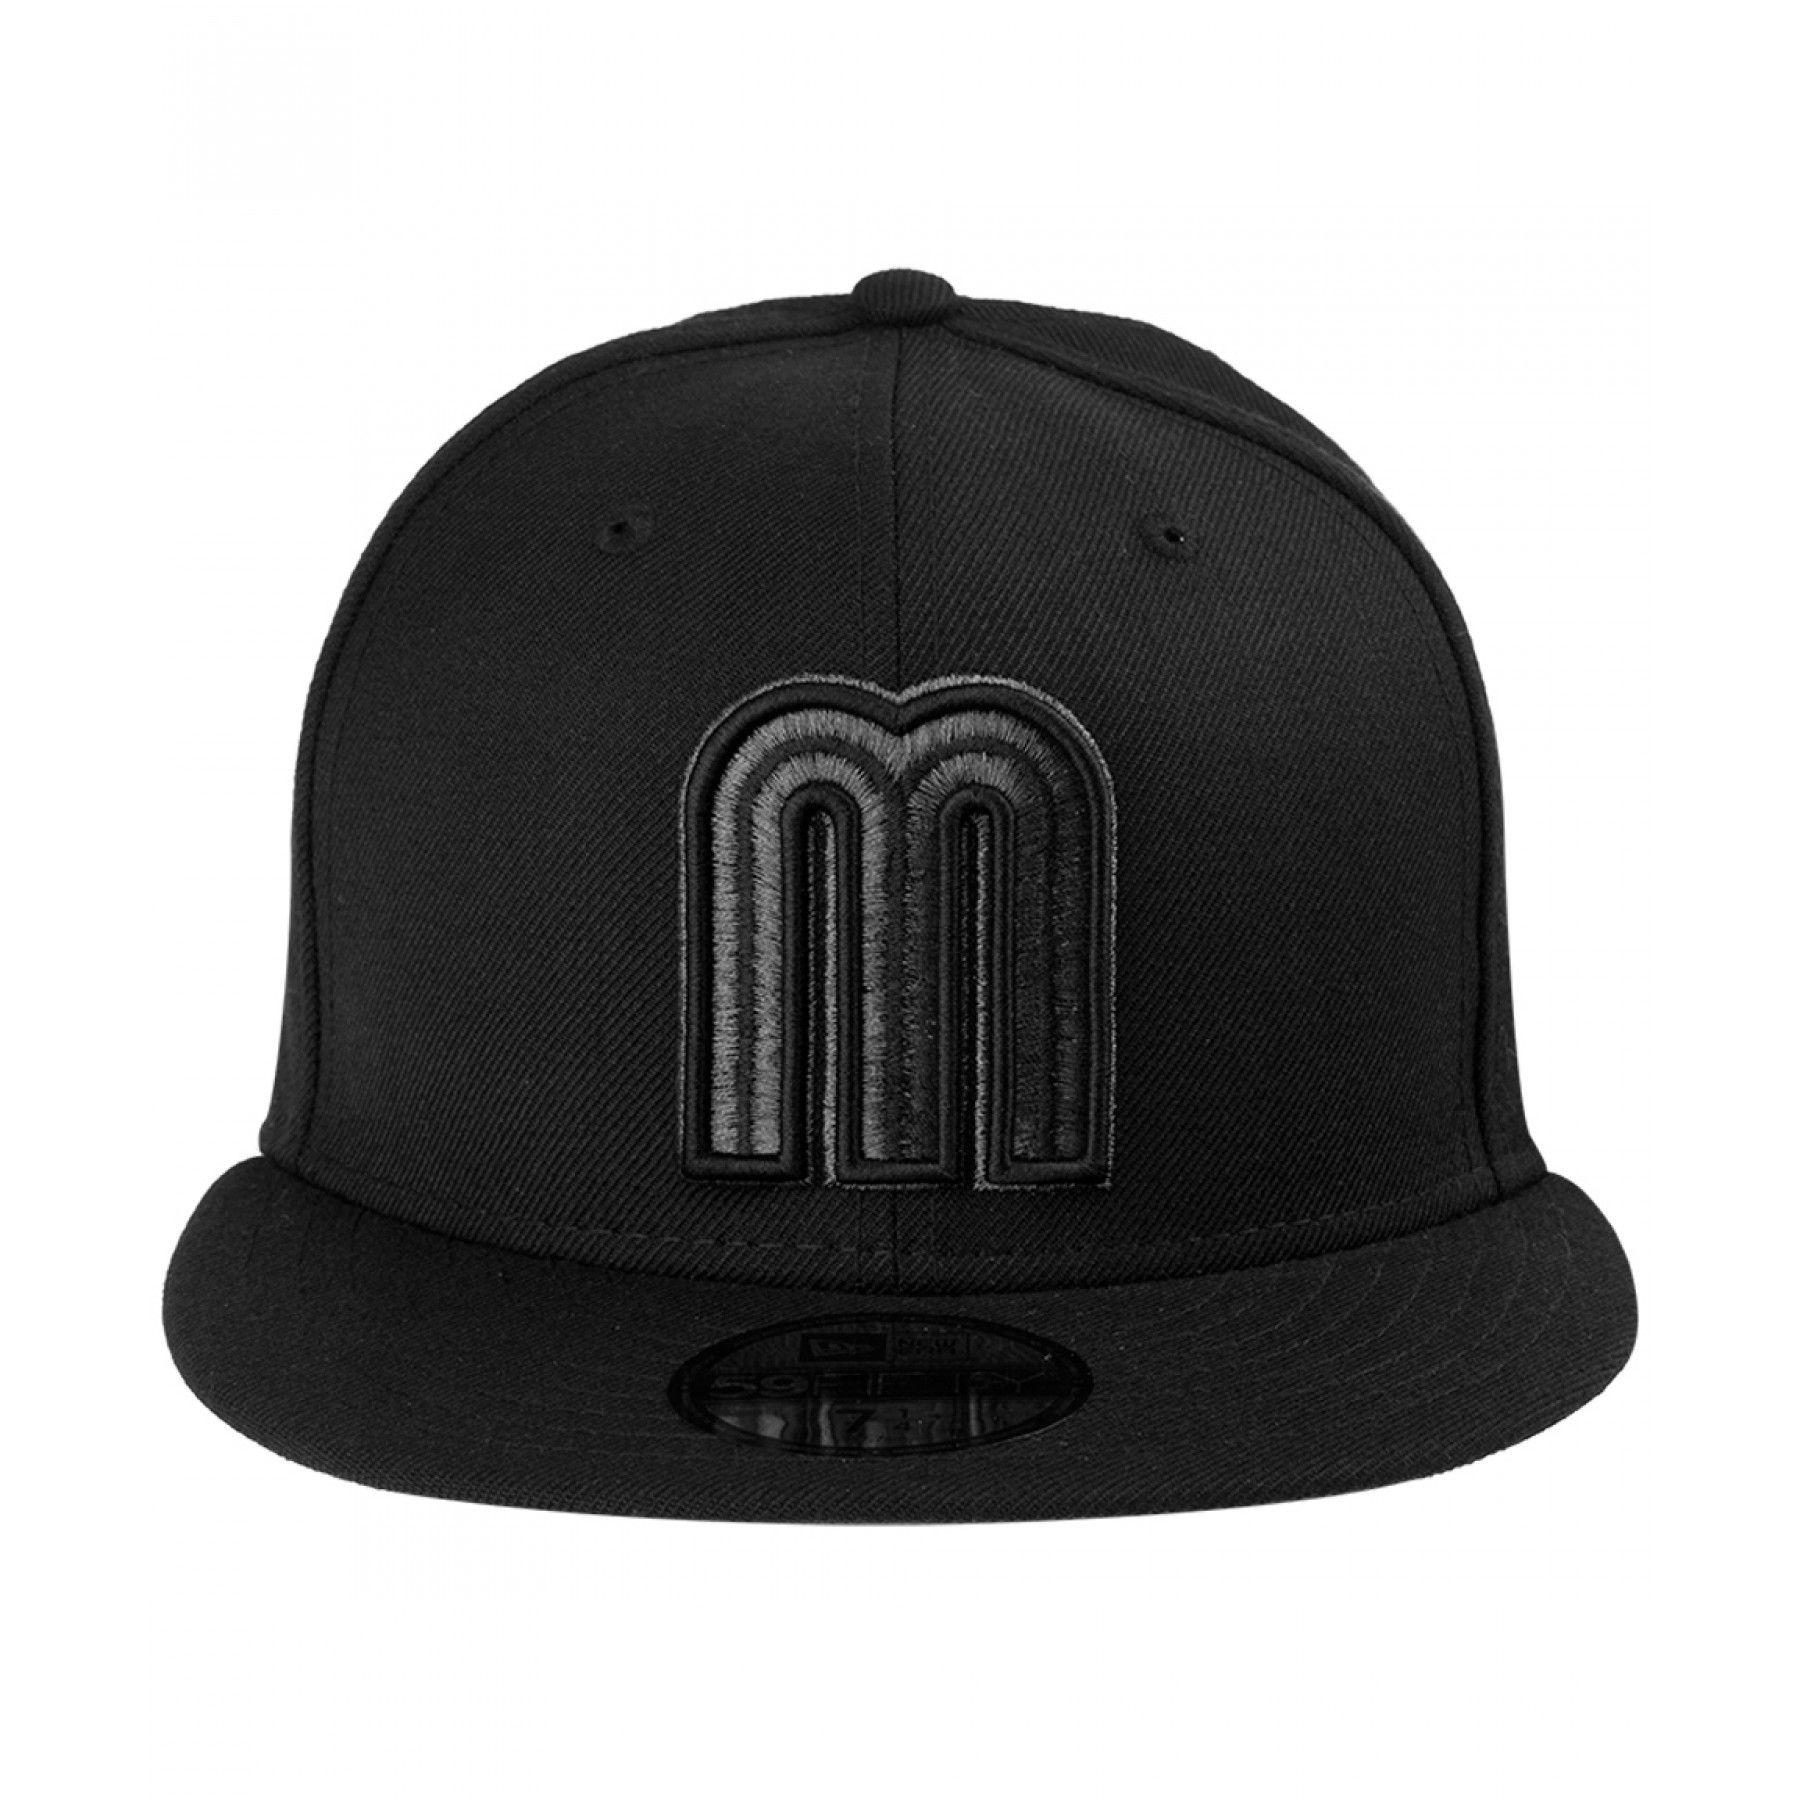 Gorra New Era para hombre en tejido de punto color negro con diseño alusivo  al clásico 7a220facc69